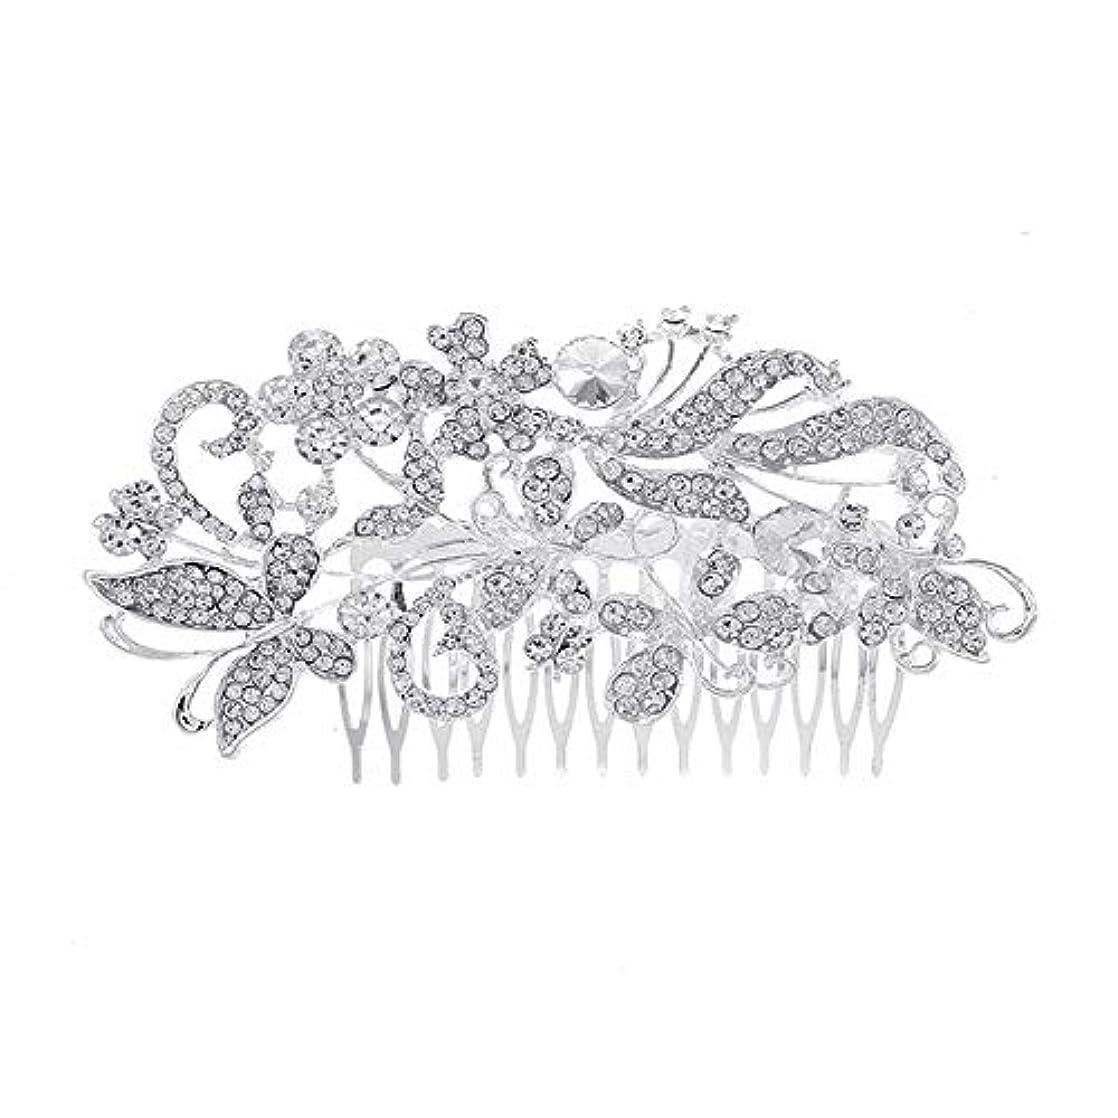 回転格納増加する髪の櫛、櫛、花嫁の髪の櫛、亜鉛合金、結婚式のアクセサリー、櫛